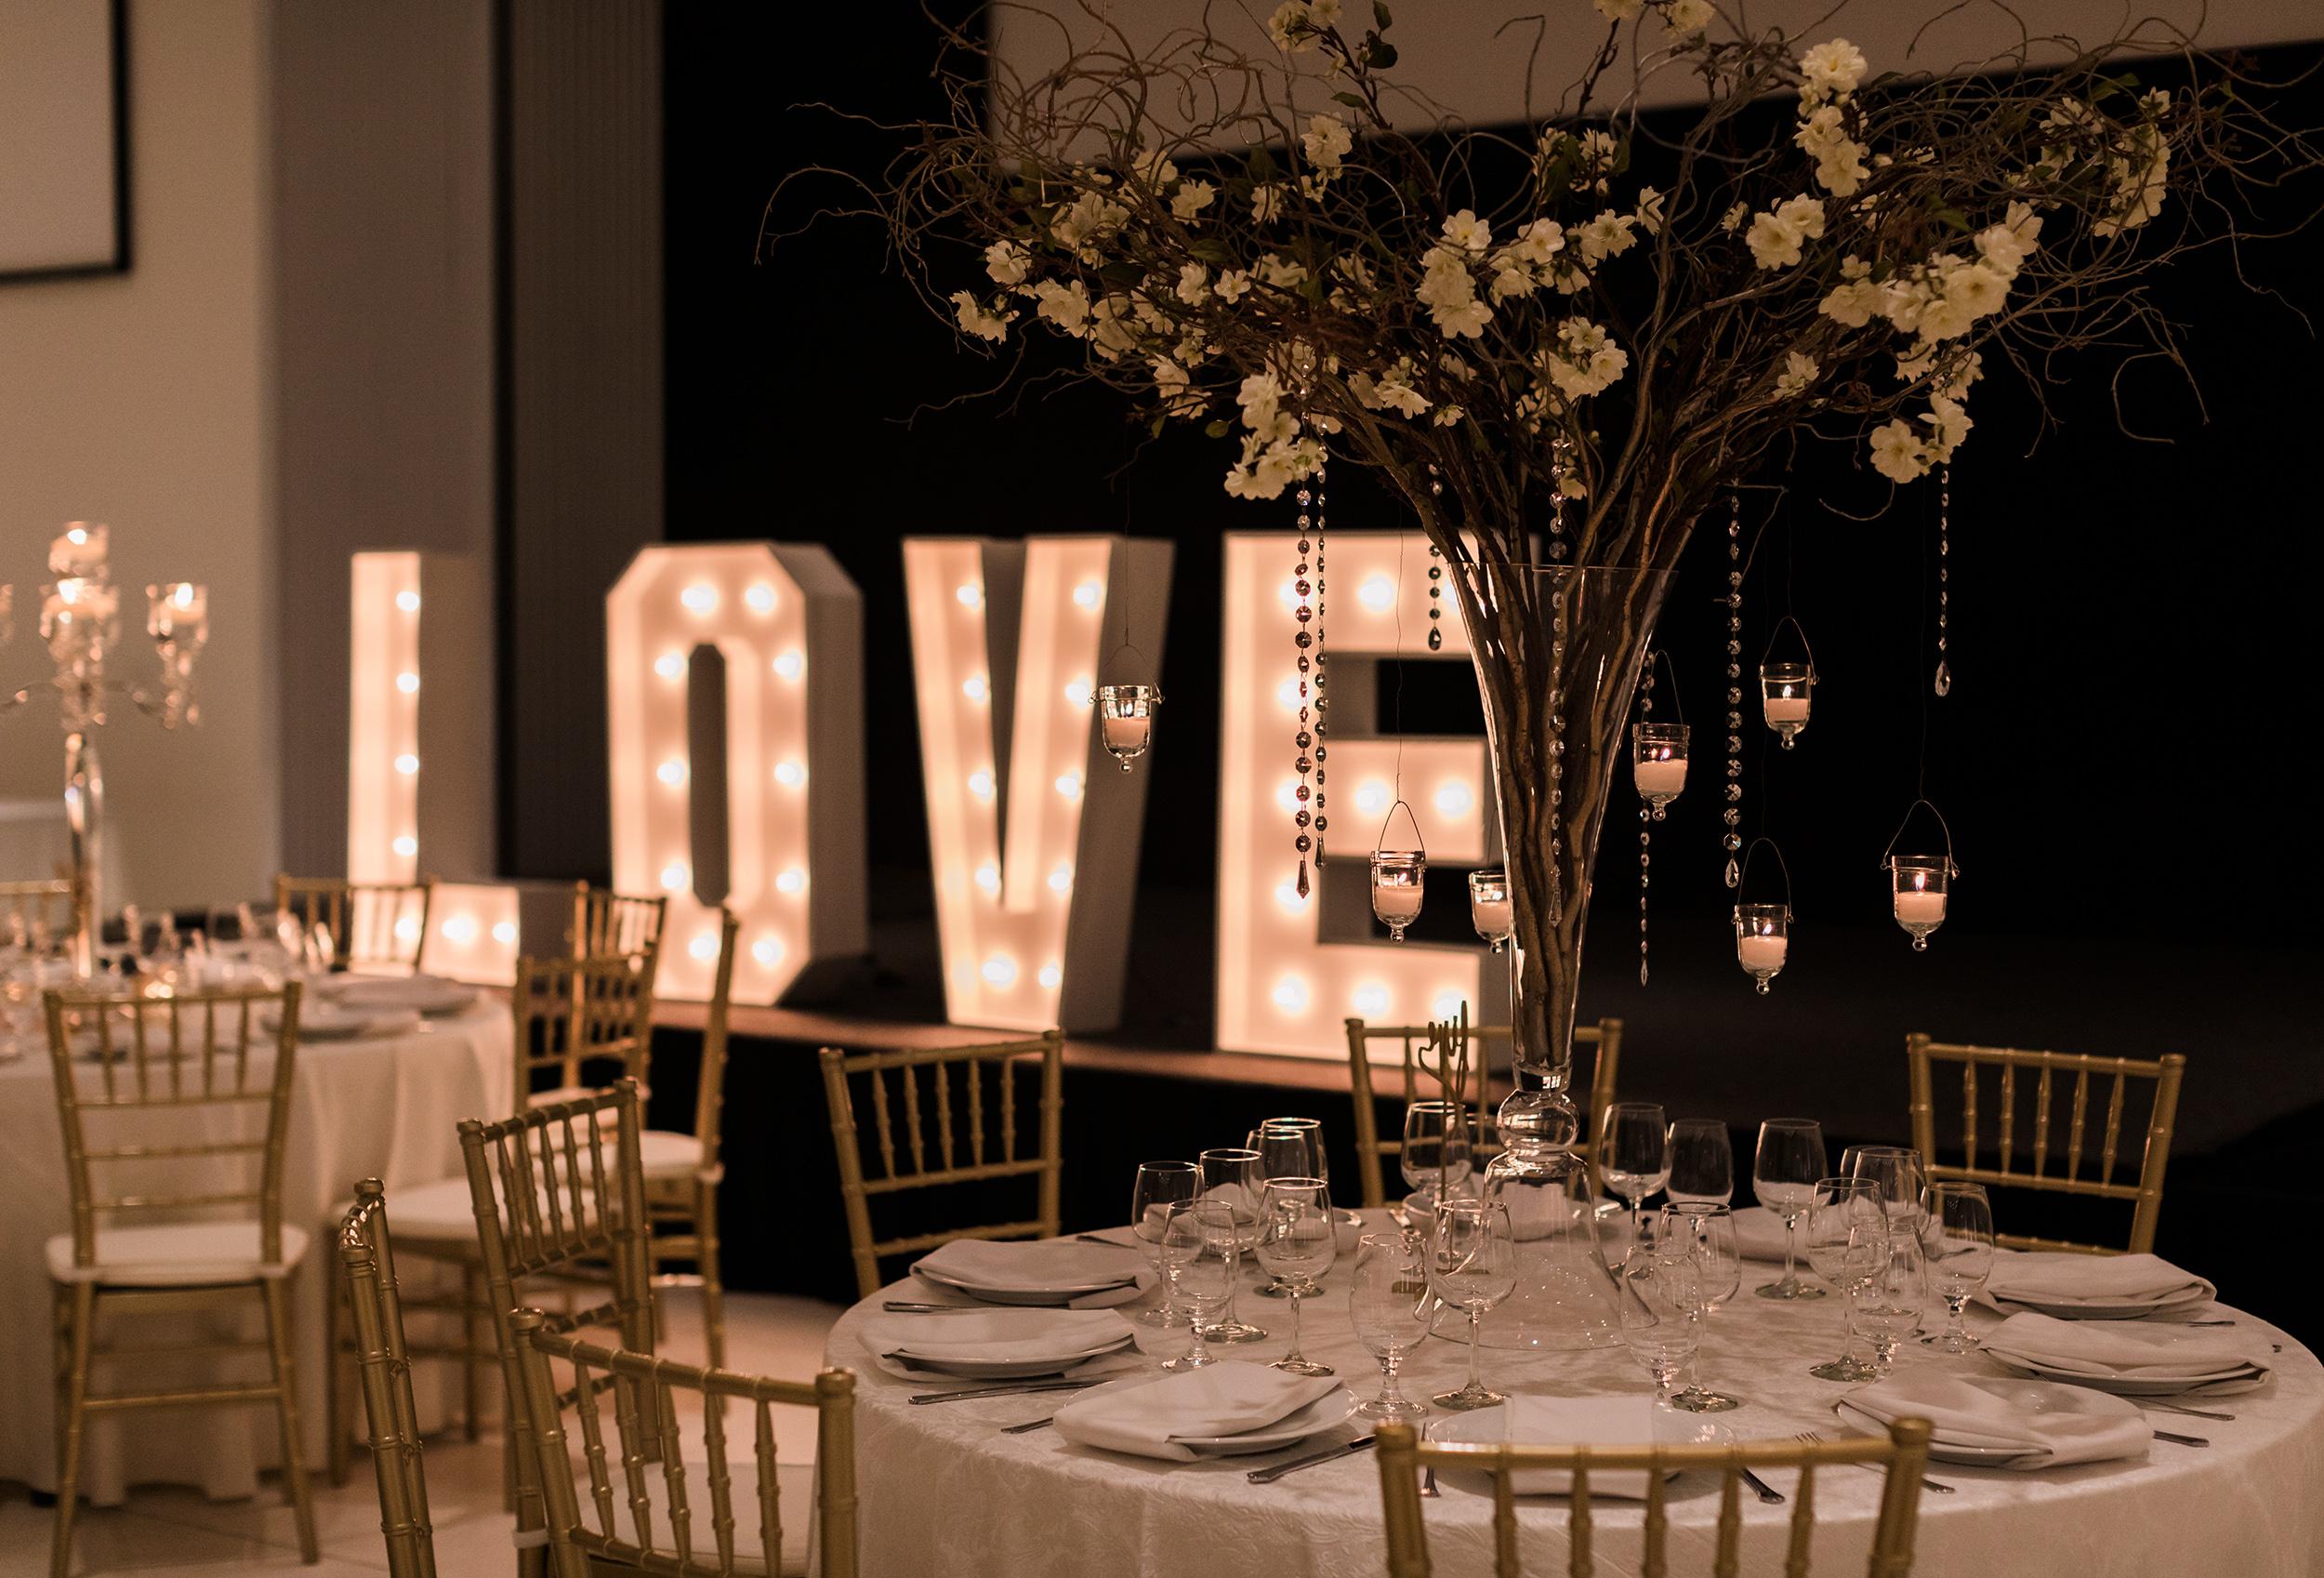 Pitt Meadows Wedding Photographer - Sky Hangar Wedding Photos - Vancouver Wedding Photographer & Videographer - Sunshine Coast Wedding Photos - Sunshine Coast Wedding Photographer - Jennifer Picard Photography - 1A5A2709.jpg